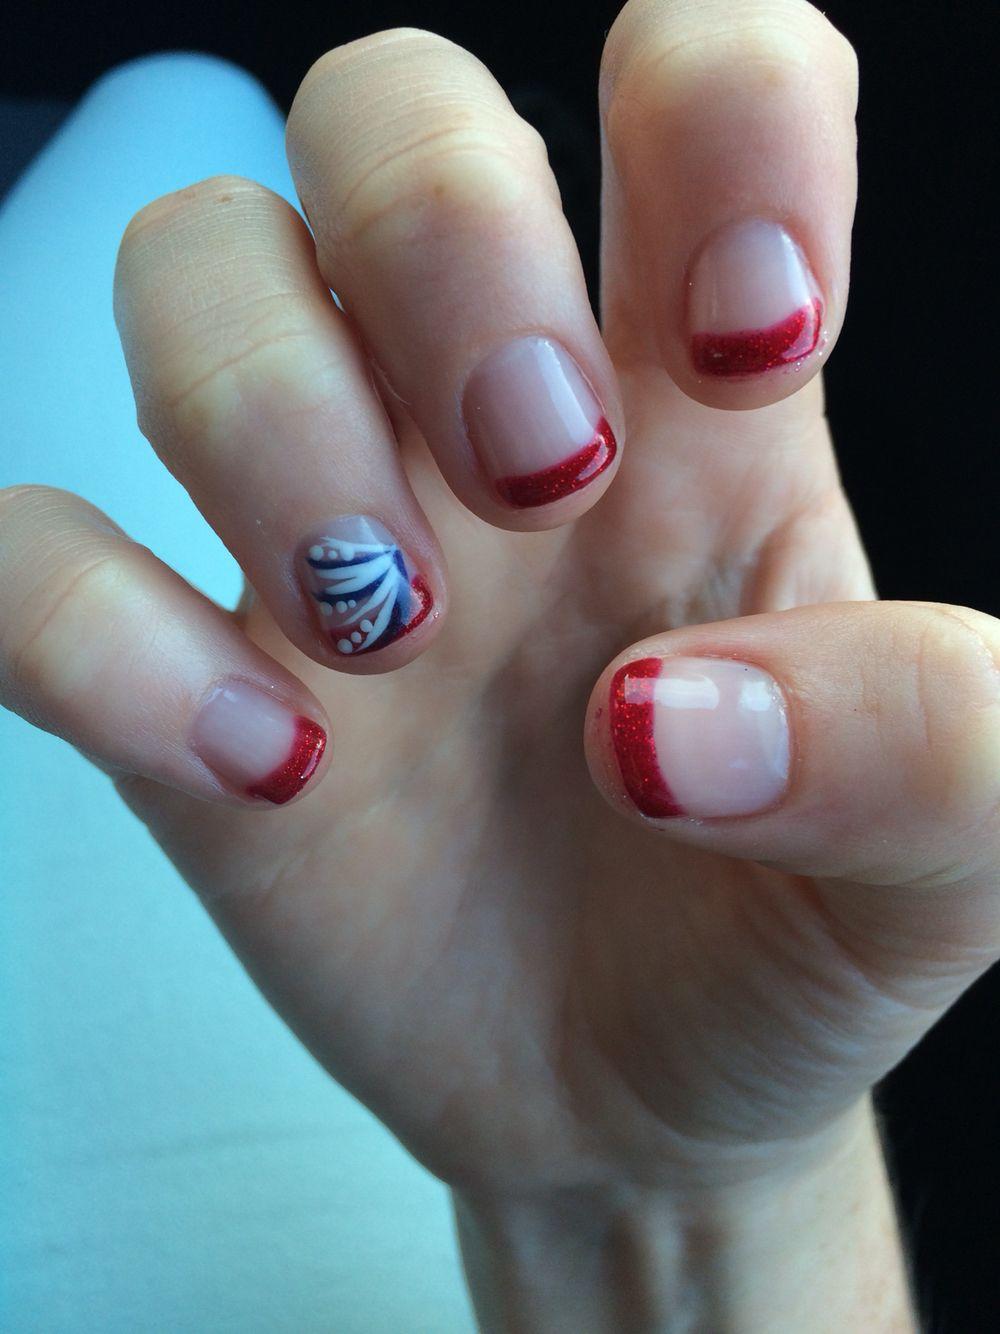 Gelish No Chip Polish 4th of July nails | My Nails | Pinterest